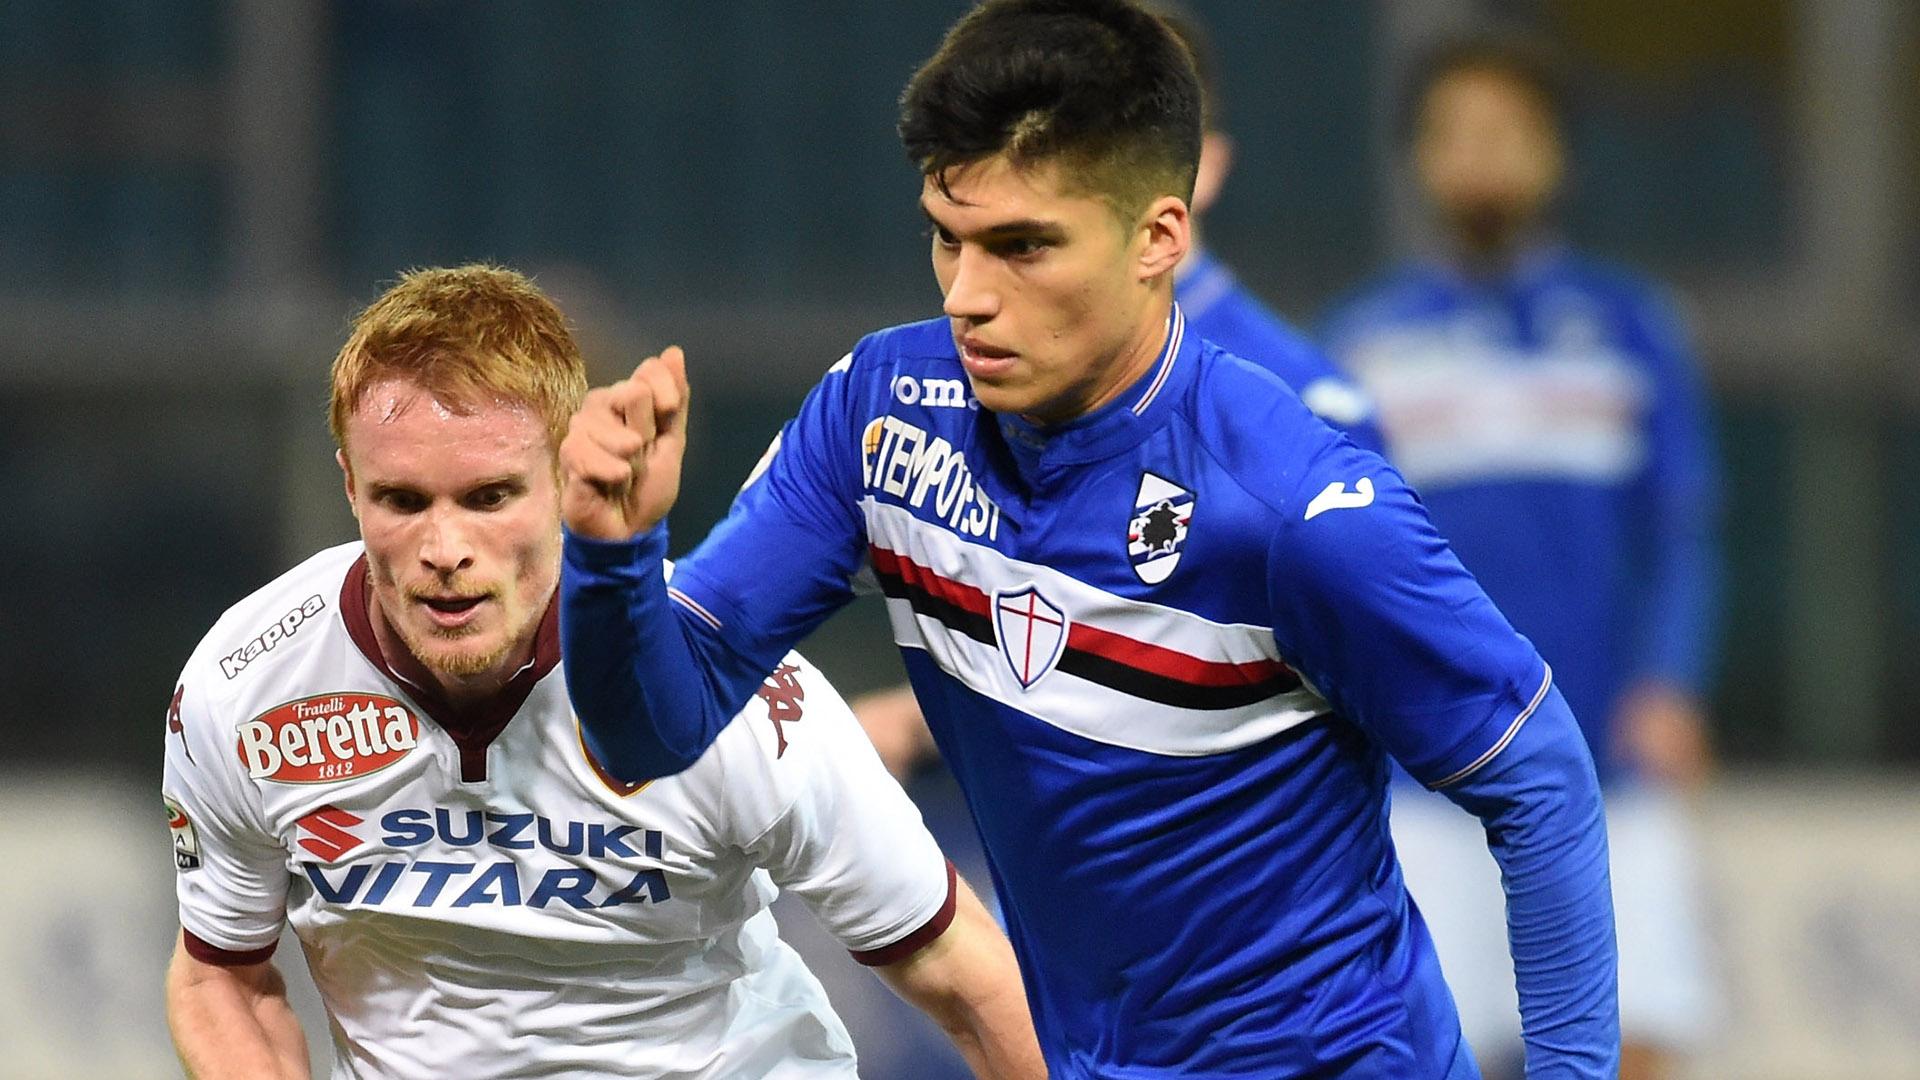 Video: Sampdoria vs Torino